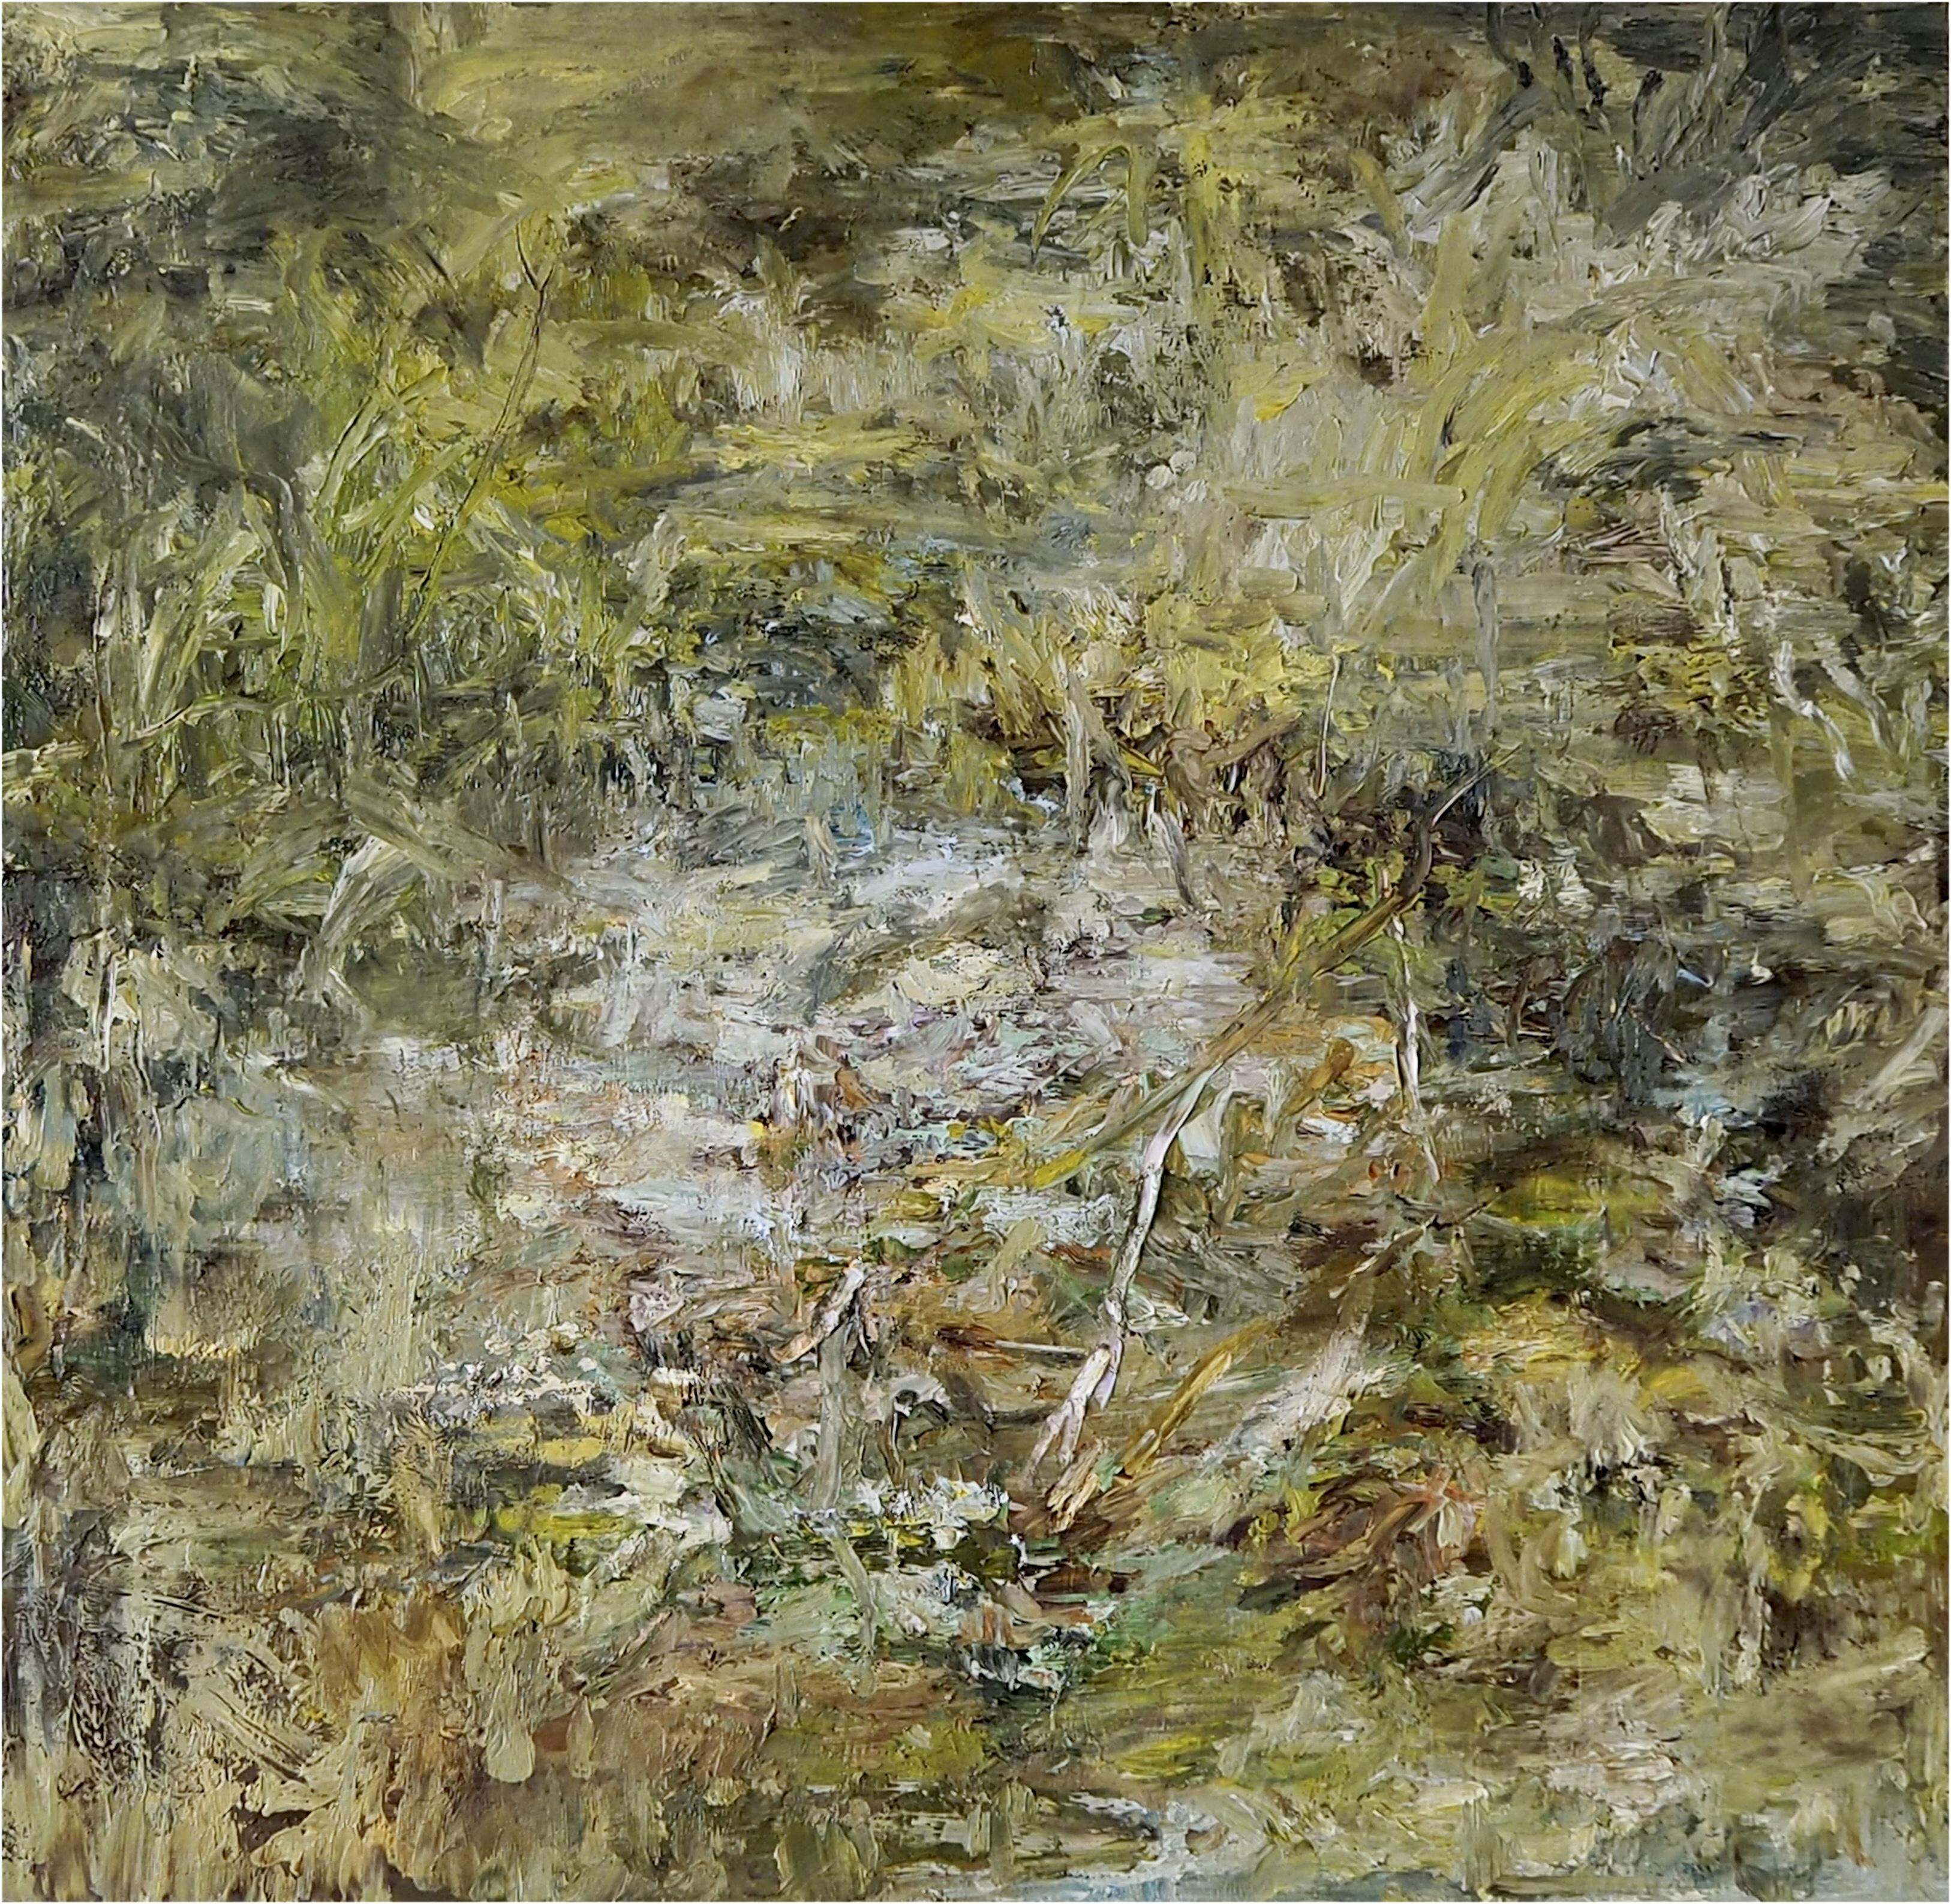 Isabella Nazzarri, Tempo percorso, 2020, olio su tela, 80x80 cm